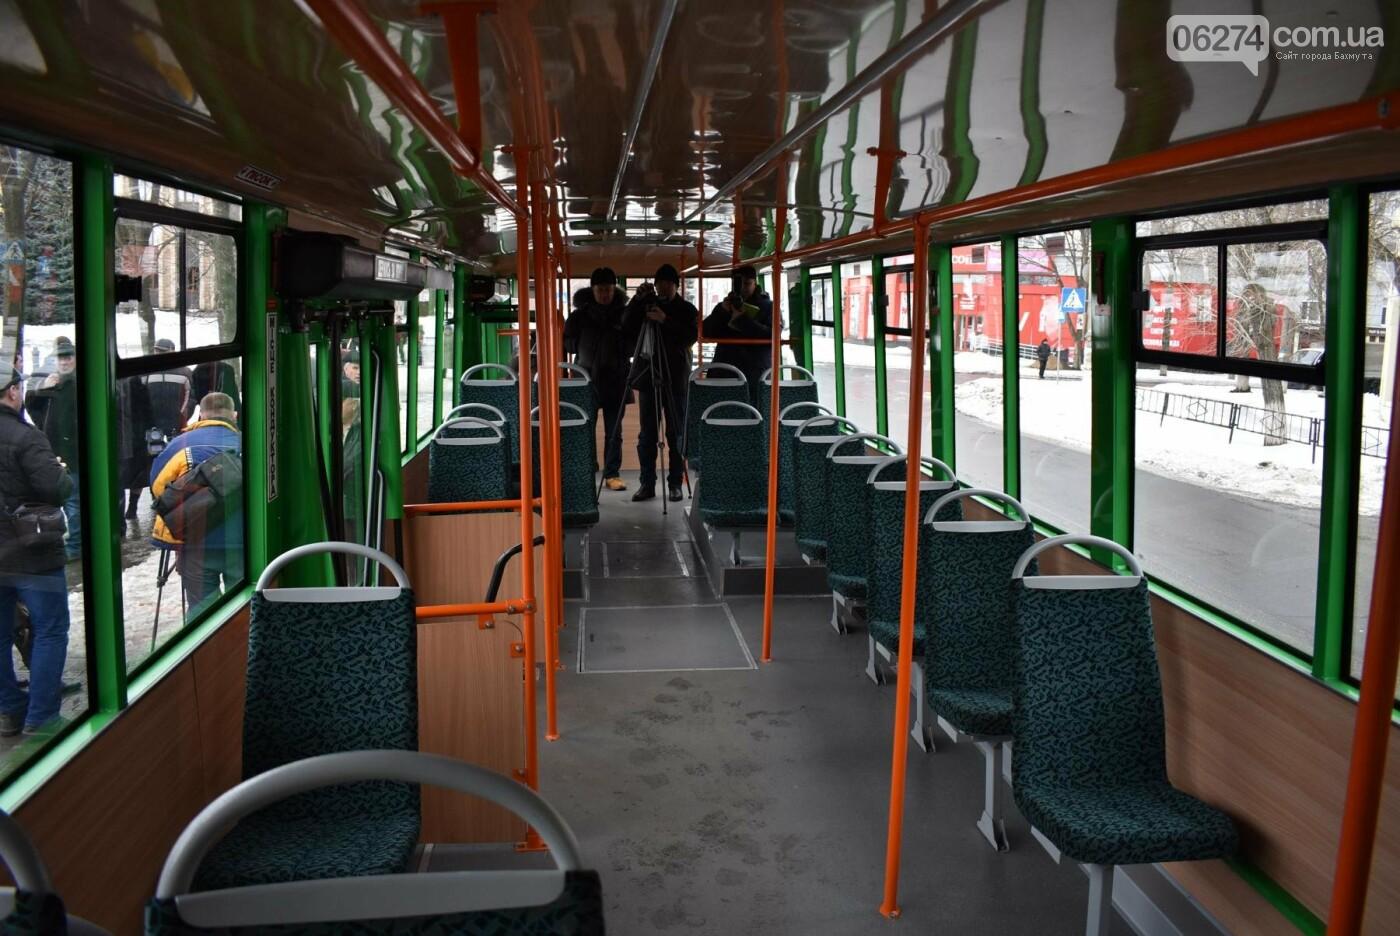 В Бахмуте презентовали очередной троллейбус после капремонта, фото-4